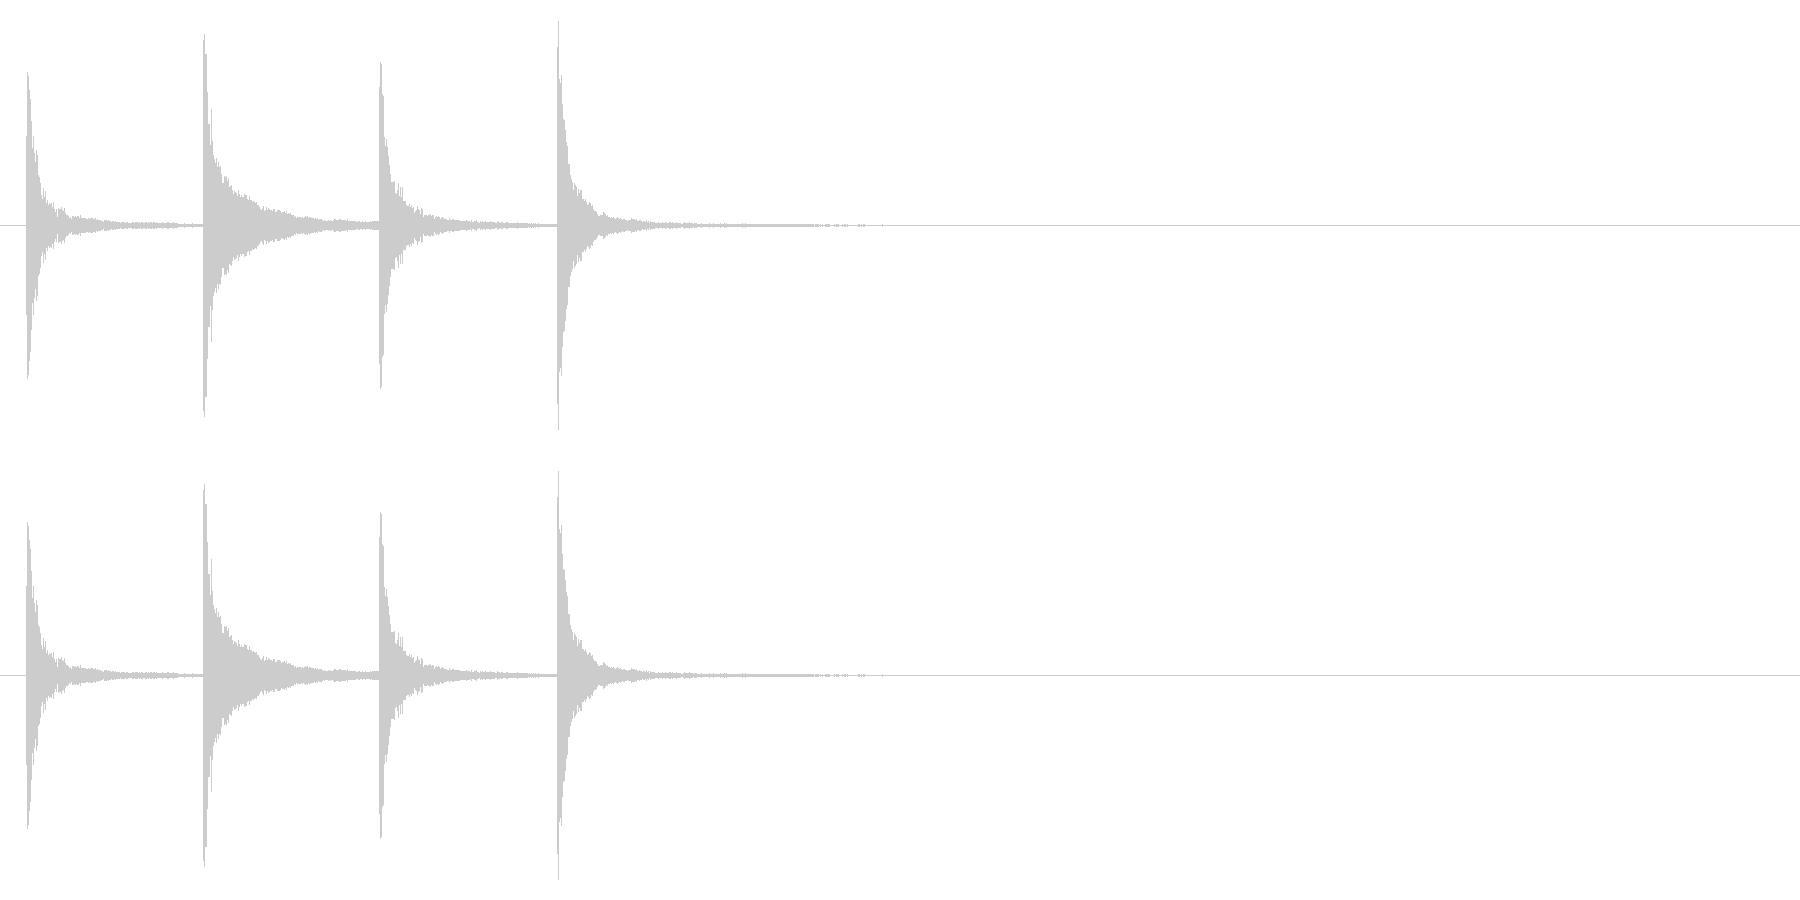 ホラー サスペンスなどの効果音に最適6の未再生の波形